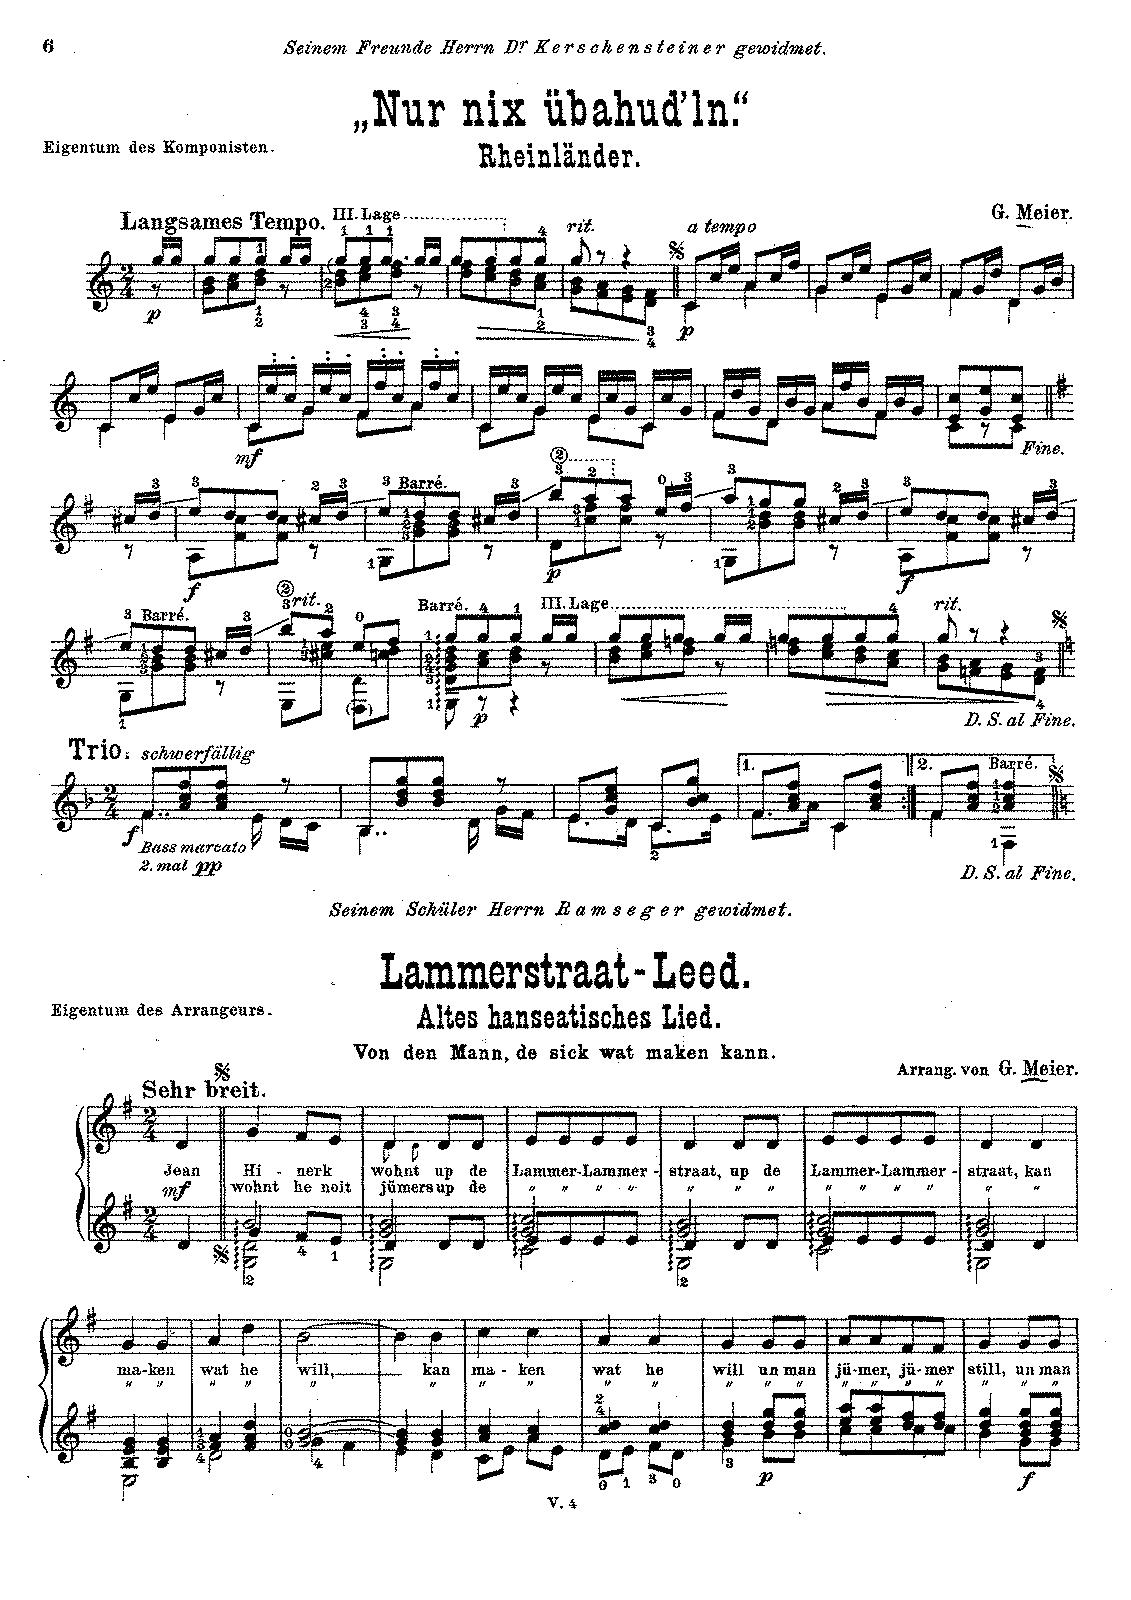 Nir nix ubahud'ln and Lammerstraat-Leed (Meier, Georg